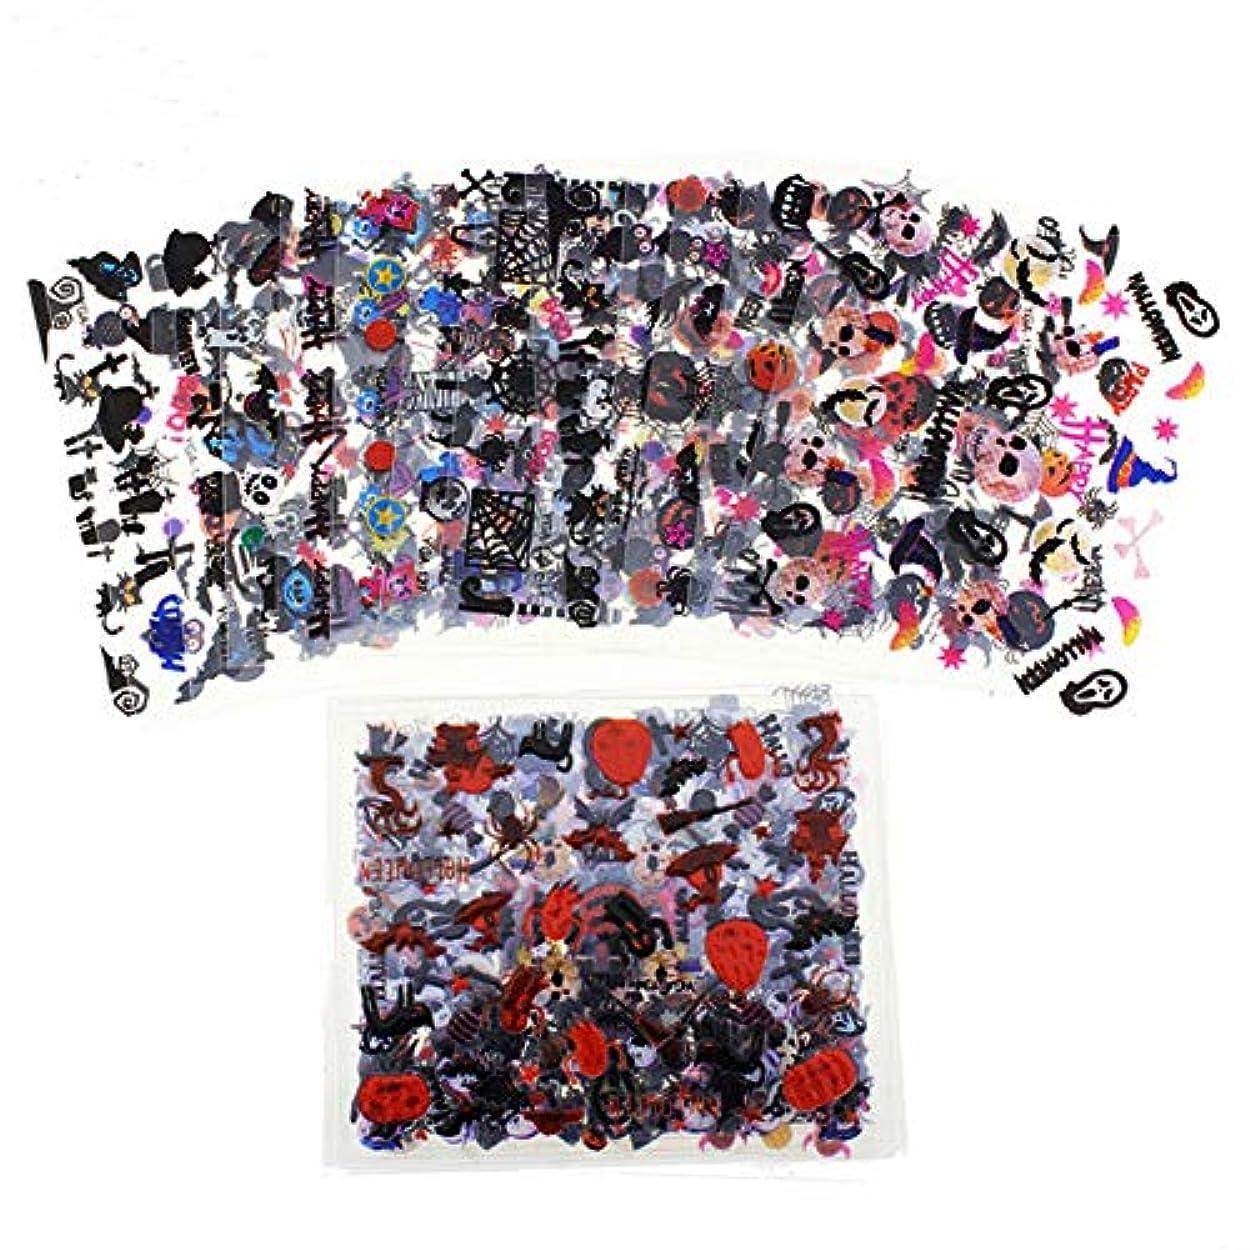 抵抗する弱点定刻SODAOA屋 ネイルシール ハロウィーン ネイルステッカー ネイル用装飾 24枚セット 可愛いネイル飾り 貼るだけマニキュア ネイル用装飾 女性 女の子 子供用